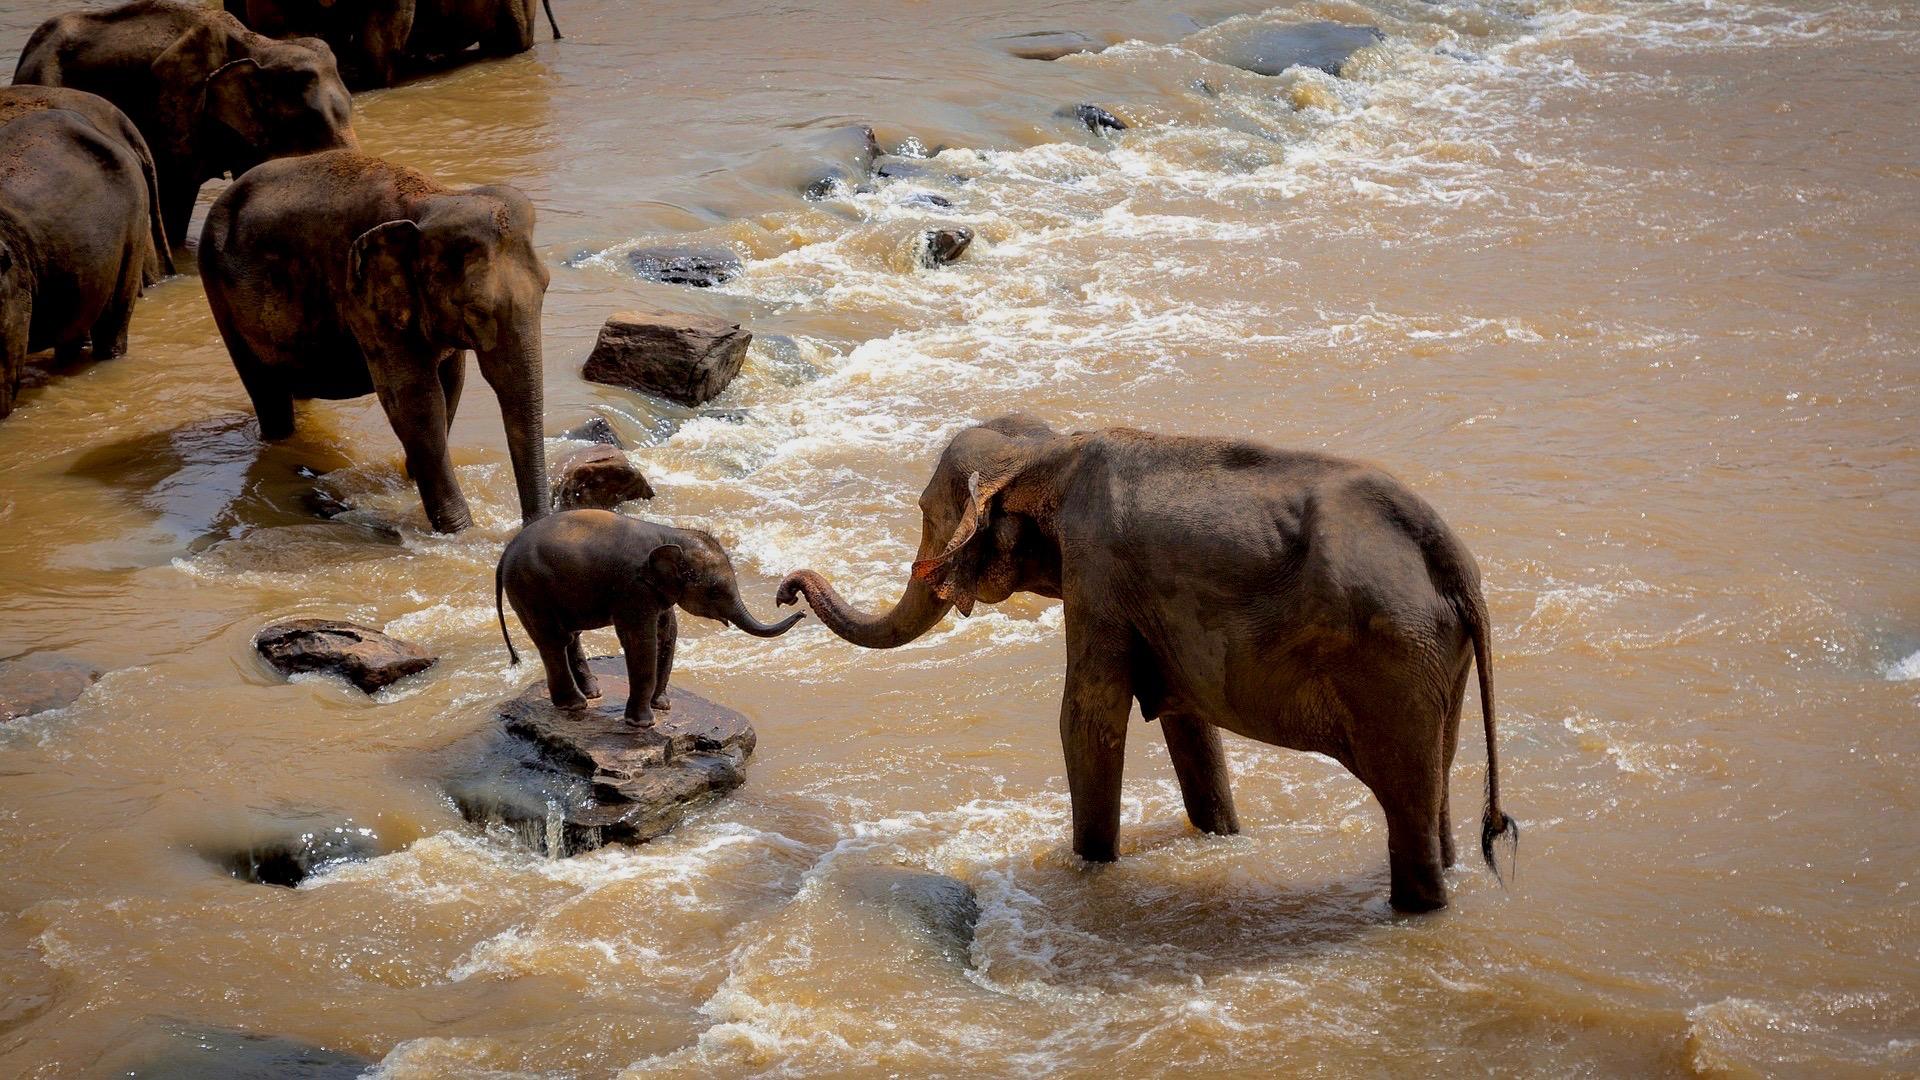 elephants-1900332_1920 3